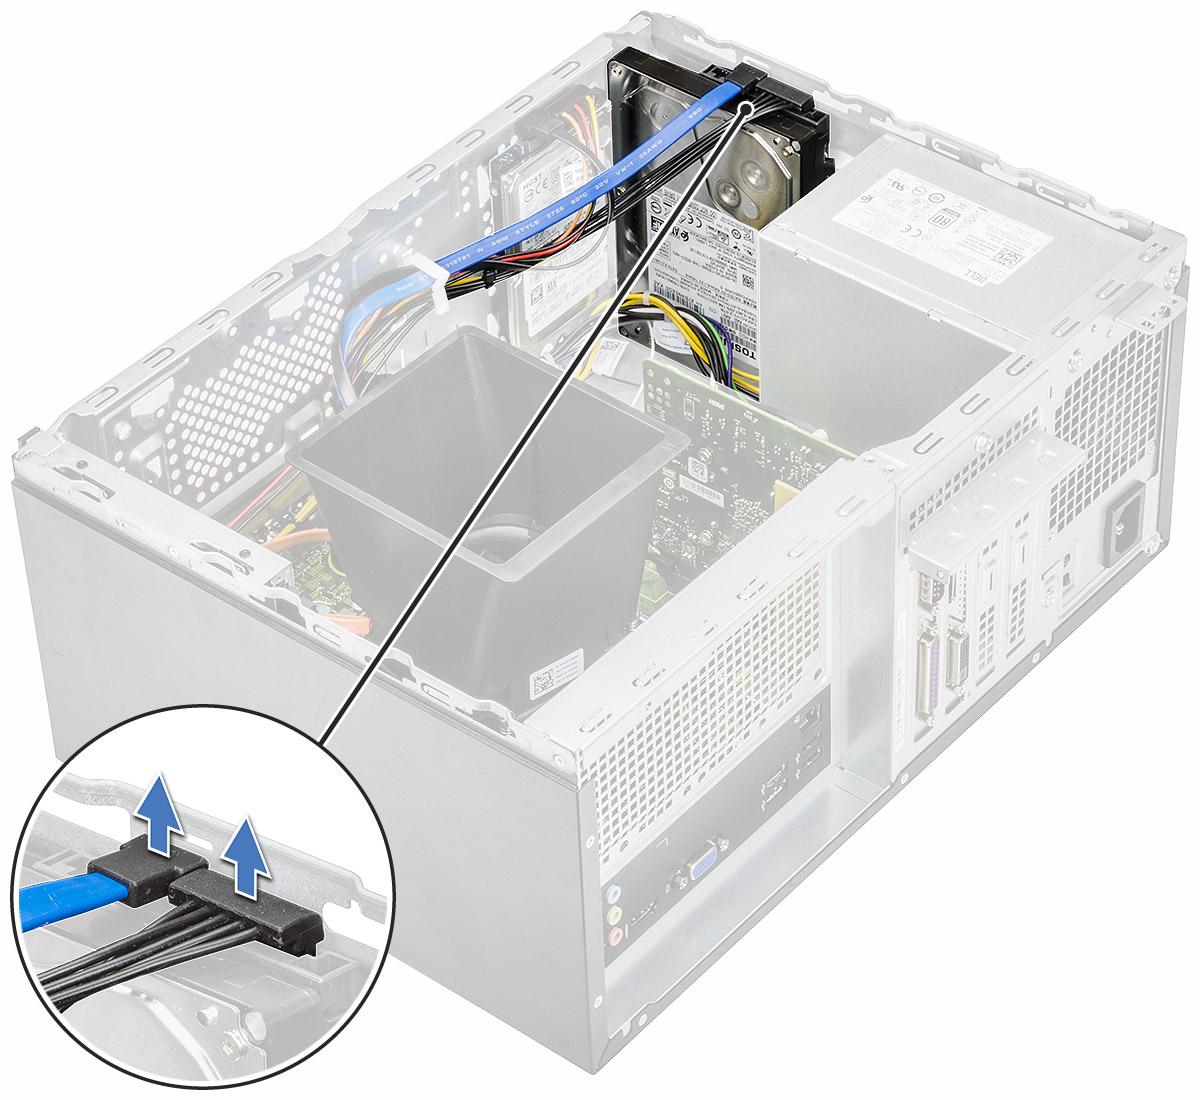 ハードドライブアセンブリをコンピューターから取り外す方法を示す図。